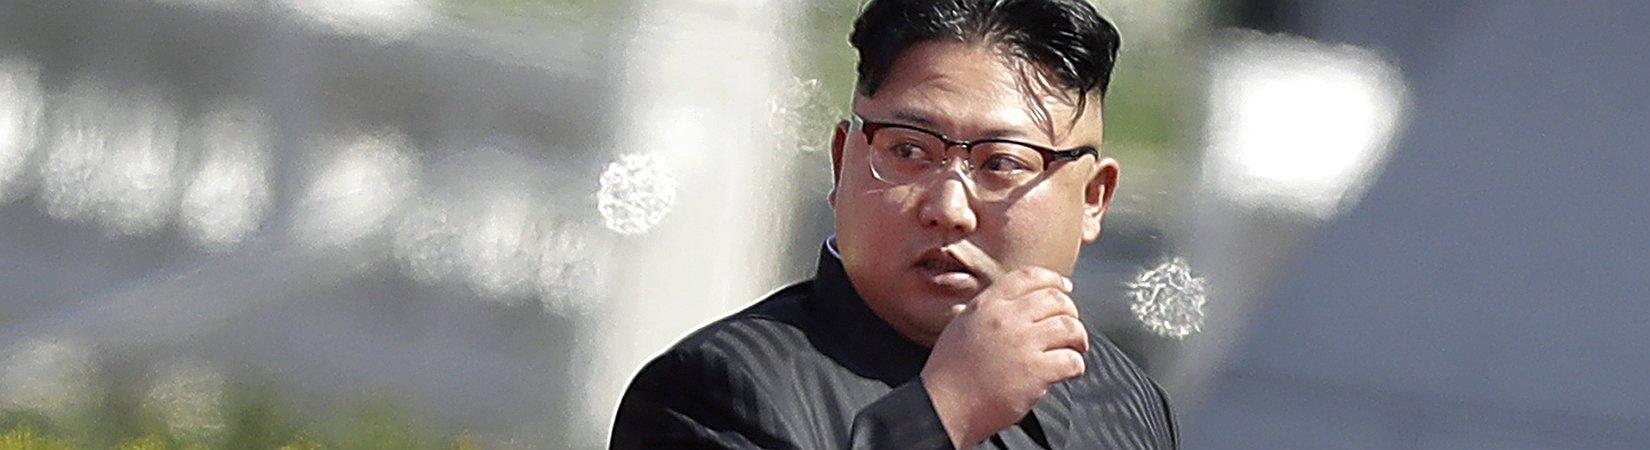 La historia de Kim Jong-un: De tranquilo aficionado al baloncesto a dictador